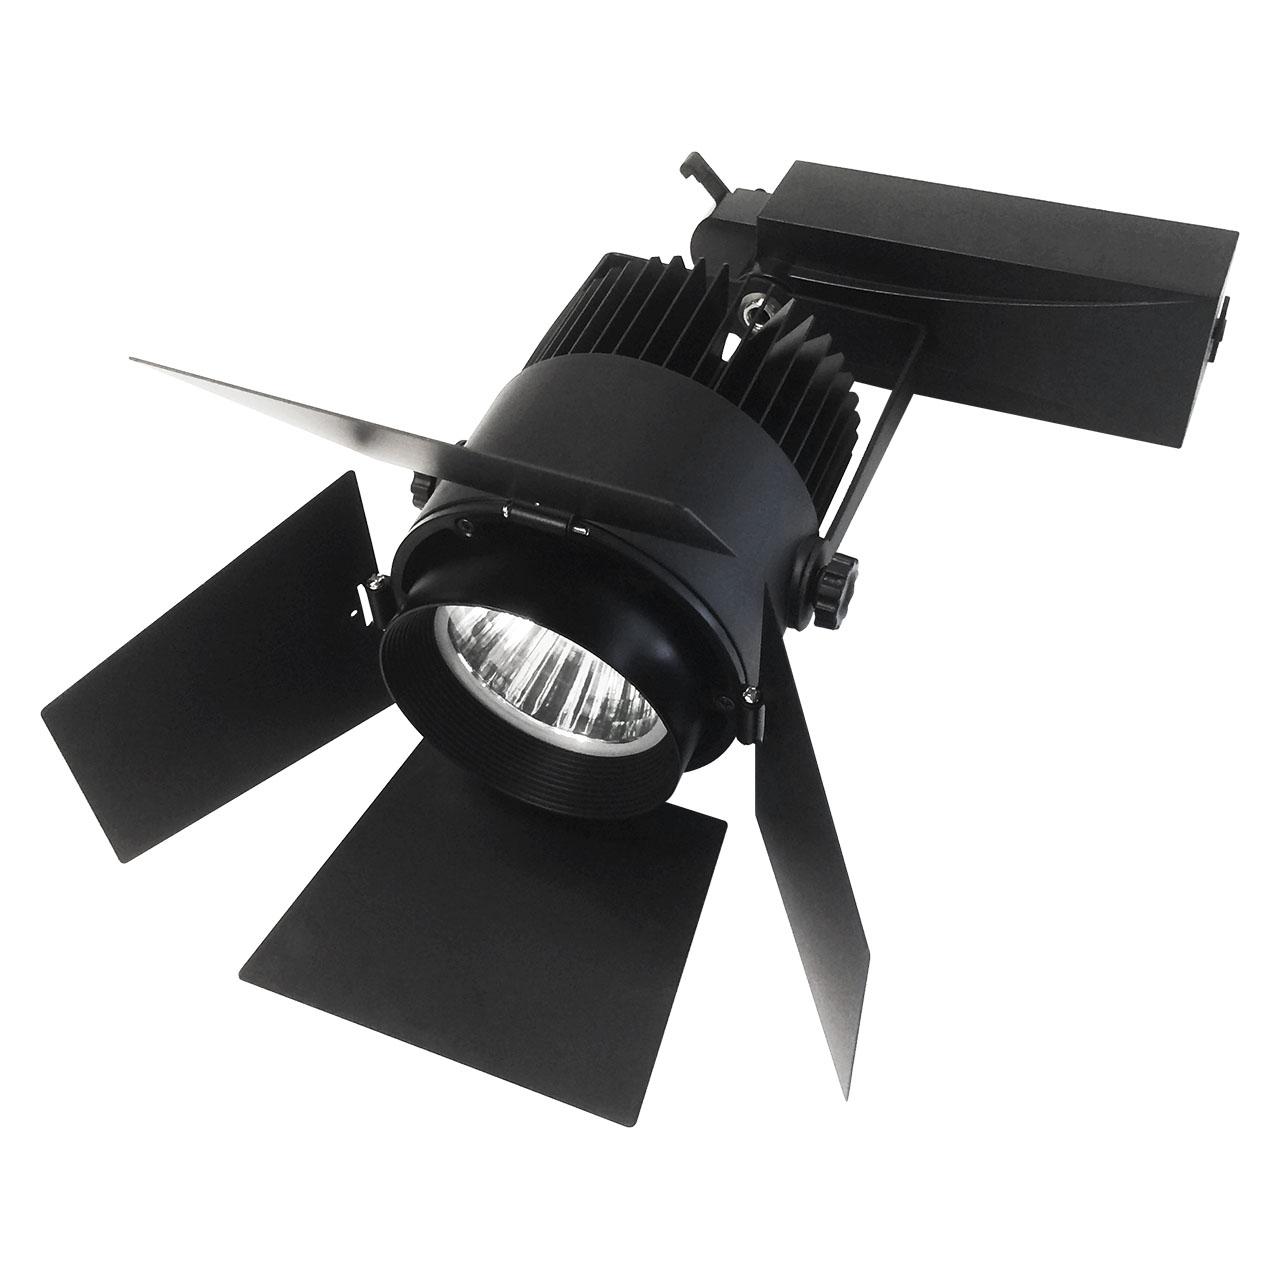 LED Spot Light, LED Track Light, METEOR_RTT053B, Oasistek